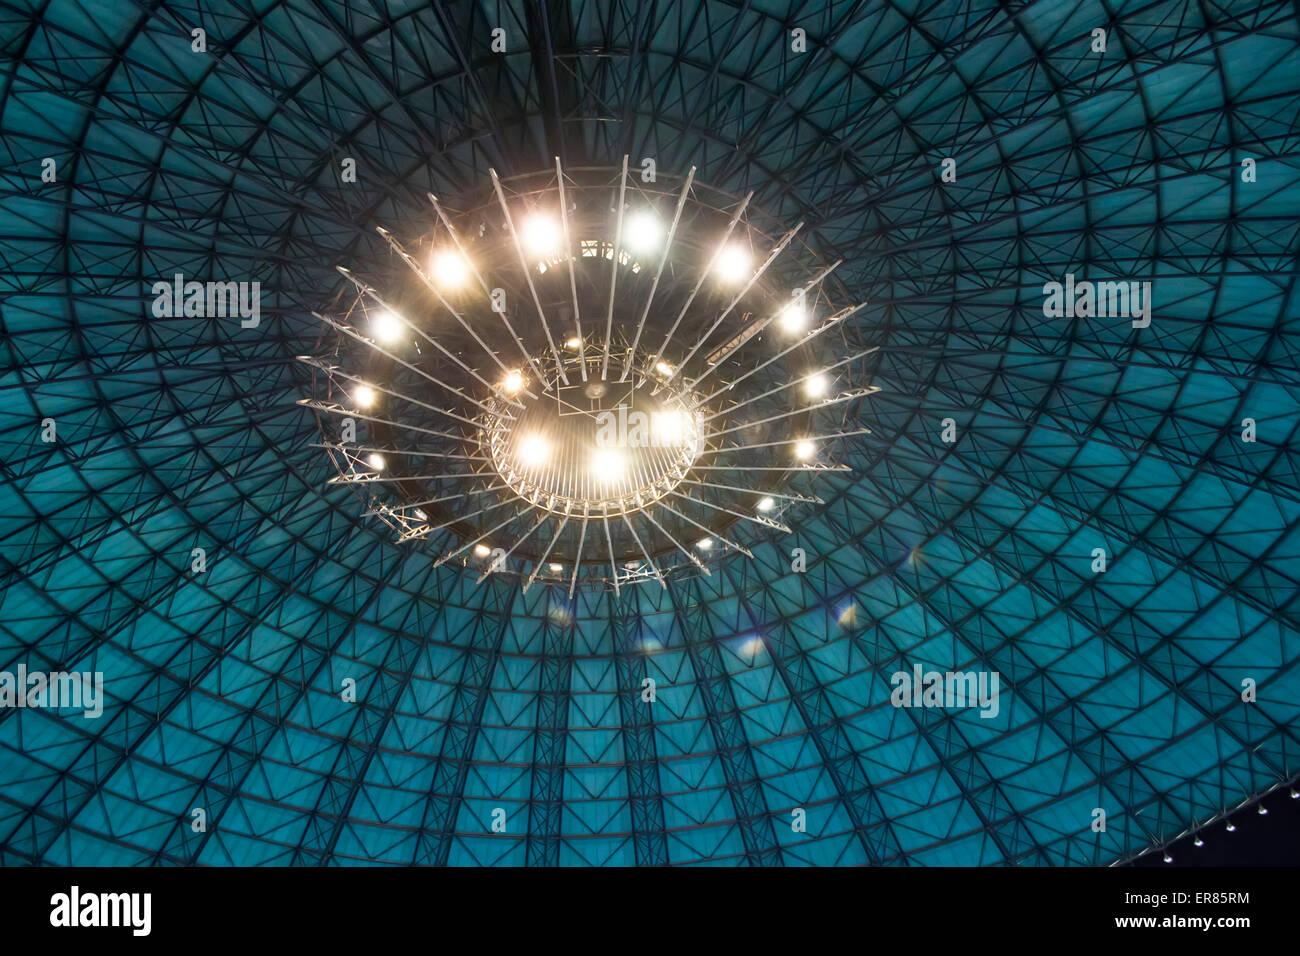 Großes indoor Gebäude Dachkonstruktion in Form einer Kuppel mit künstlicher Beleuchtung Stockbild